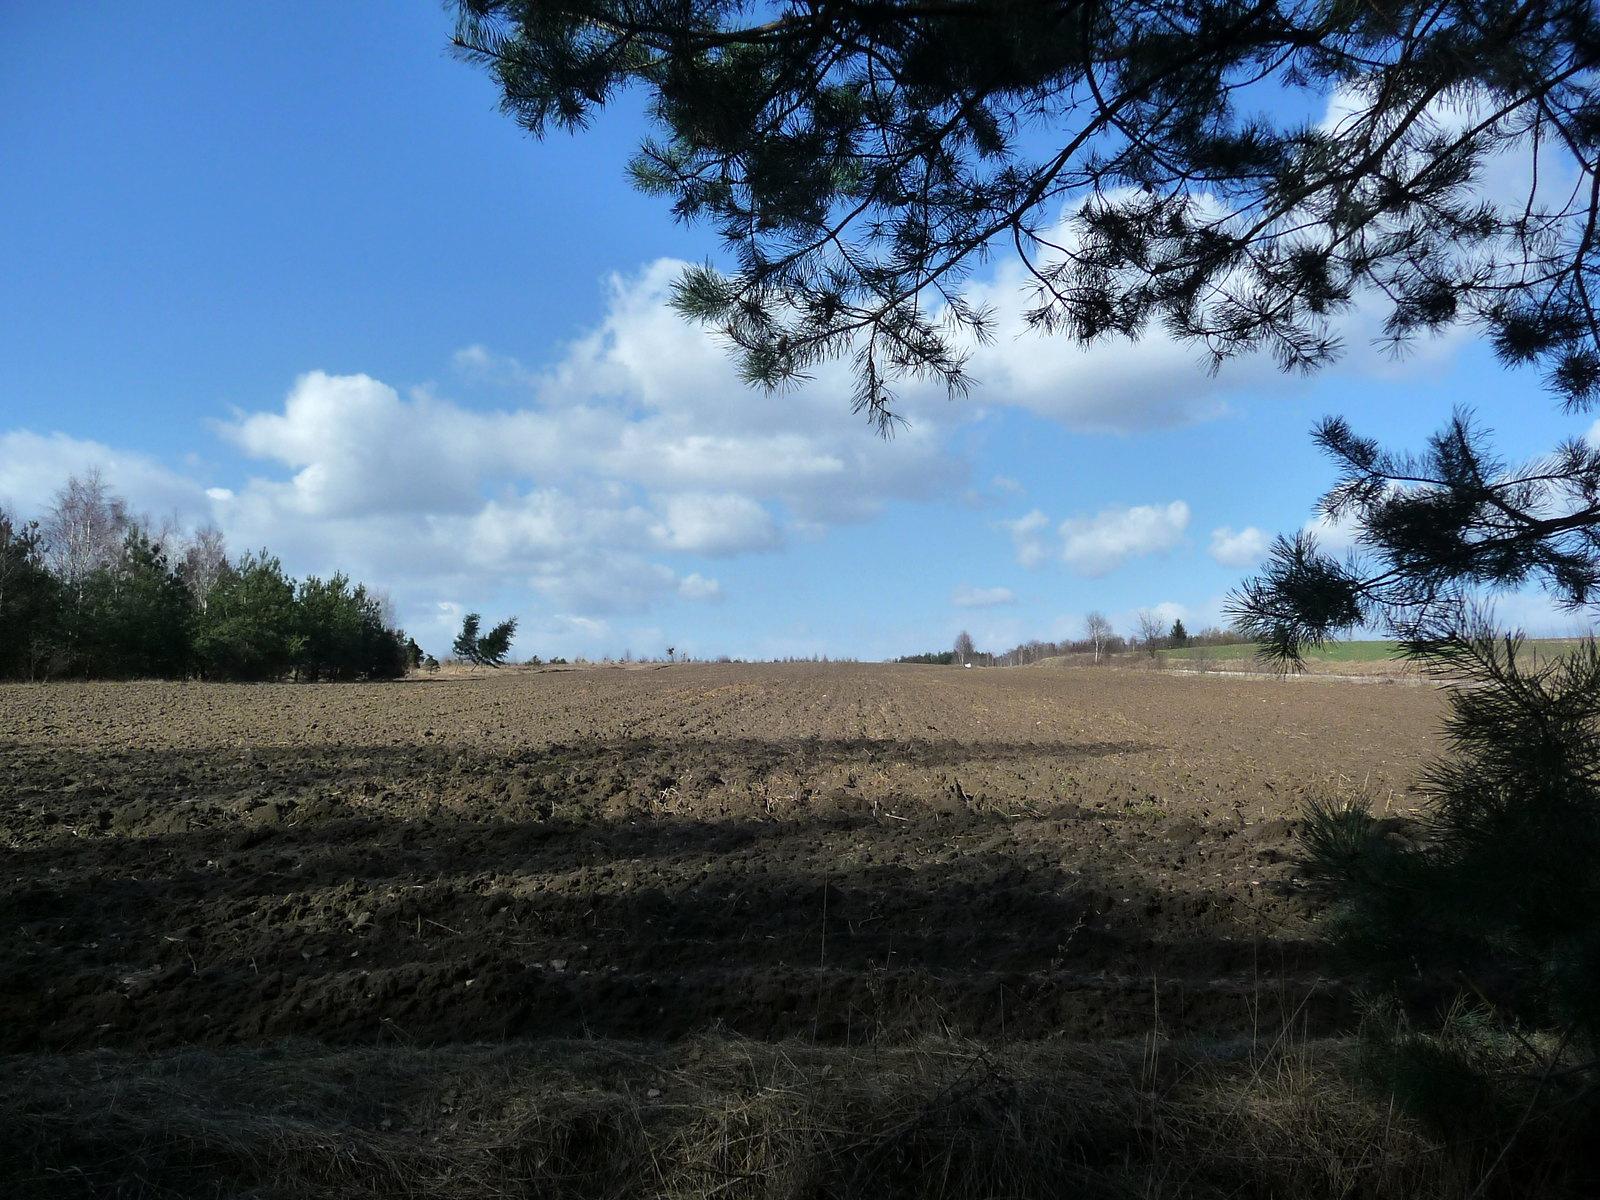 okolice Dobieszkowa